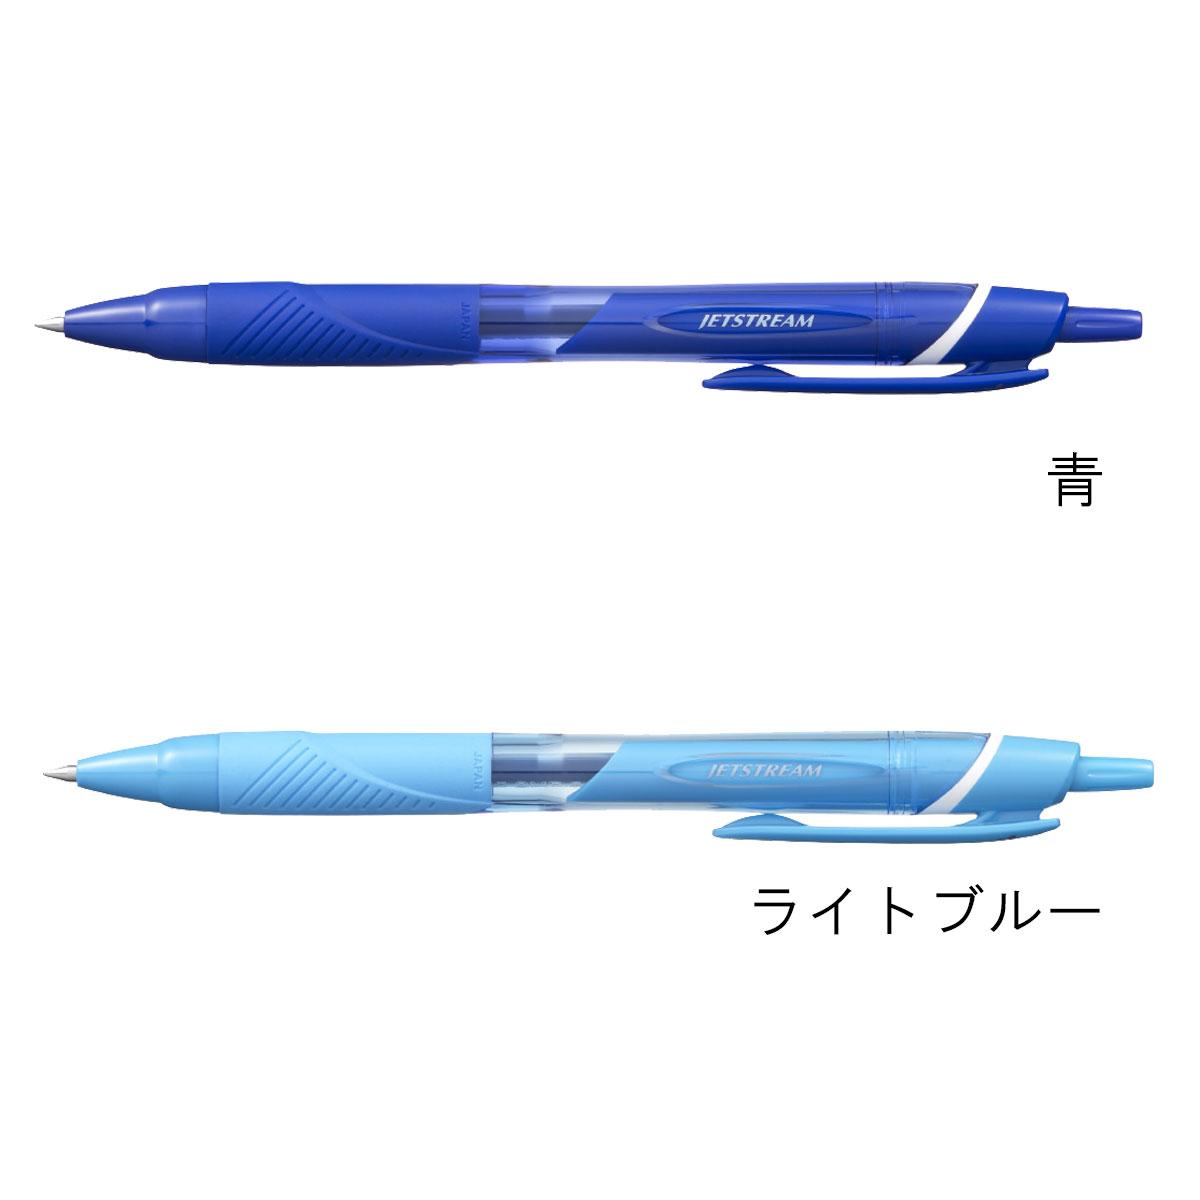 三菱鉛筆 ジェットストリーム ノック式カラーインクボールペン 0.5mm SXN-150C-05